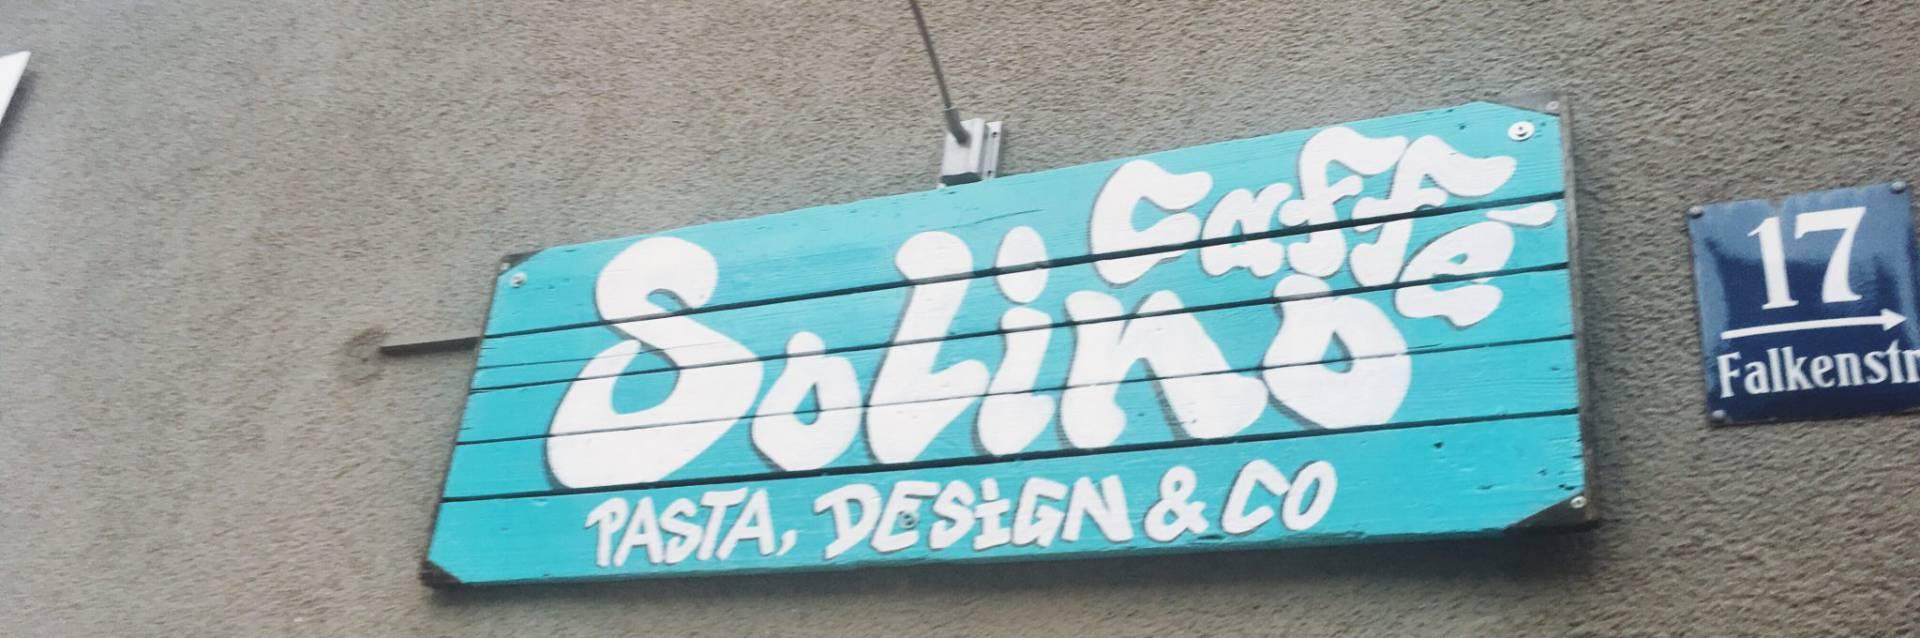 Café Solino, Pasta, Design & Co., Muenchen